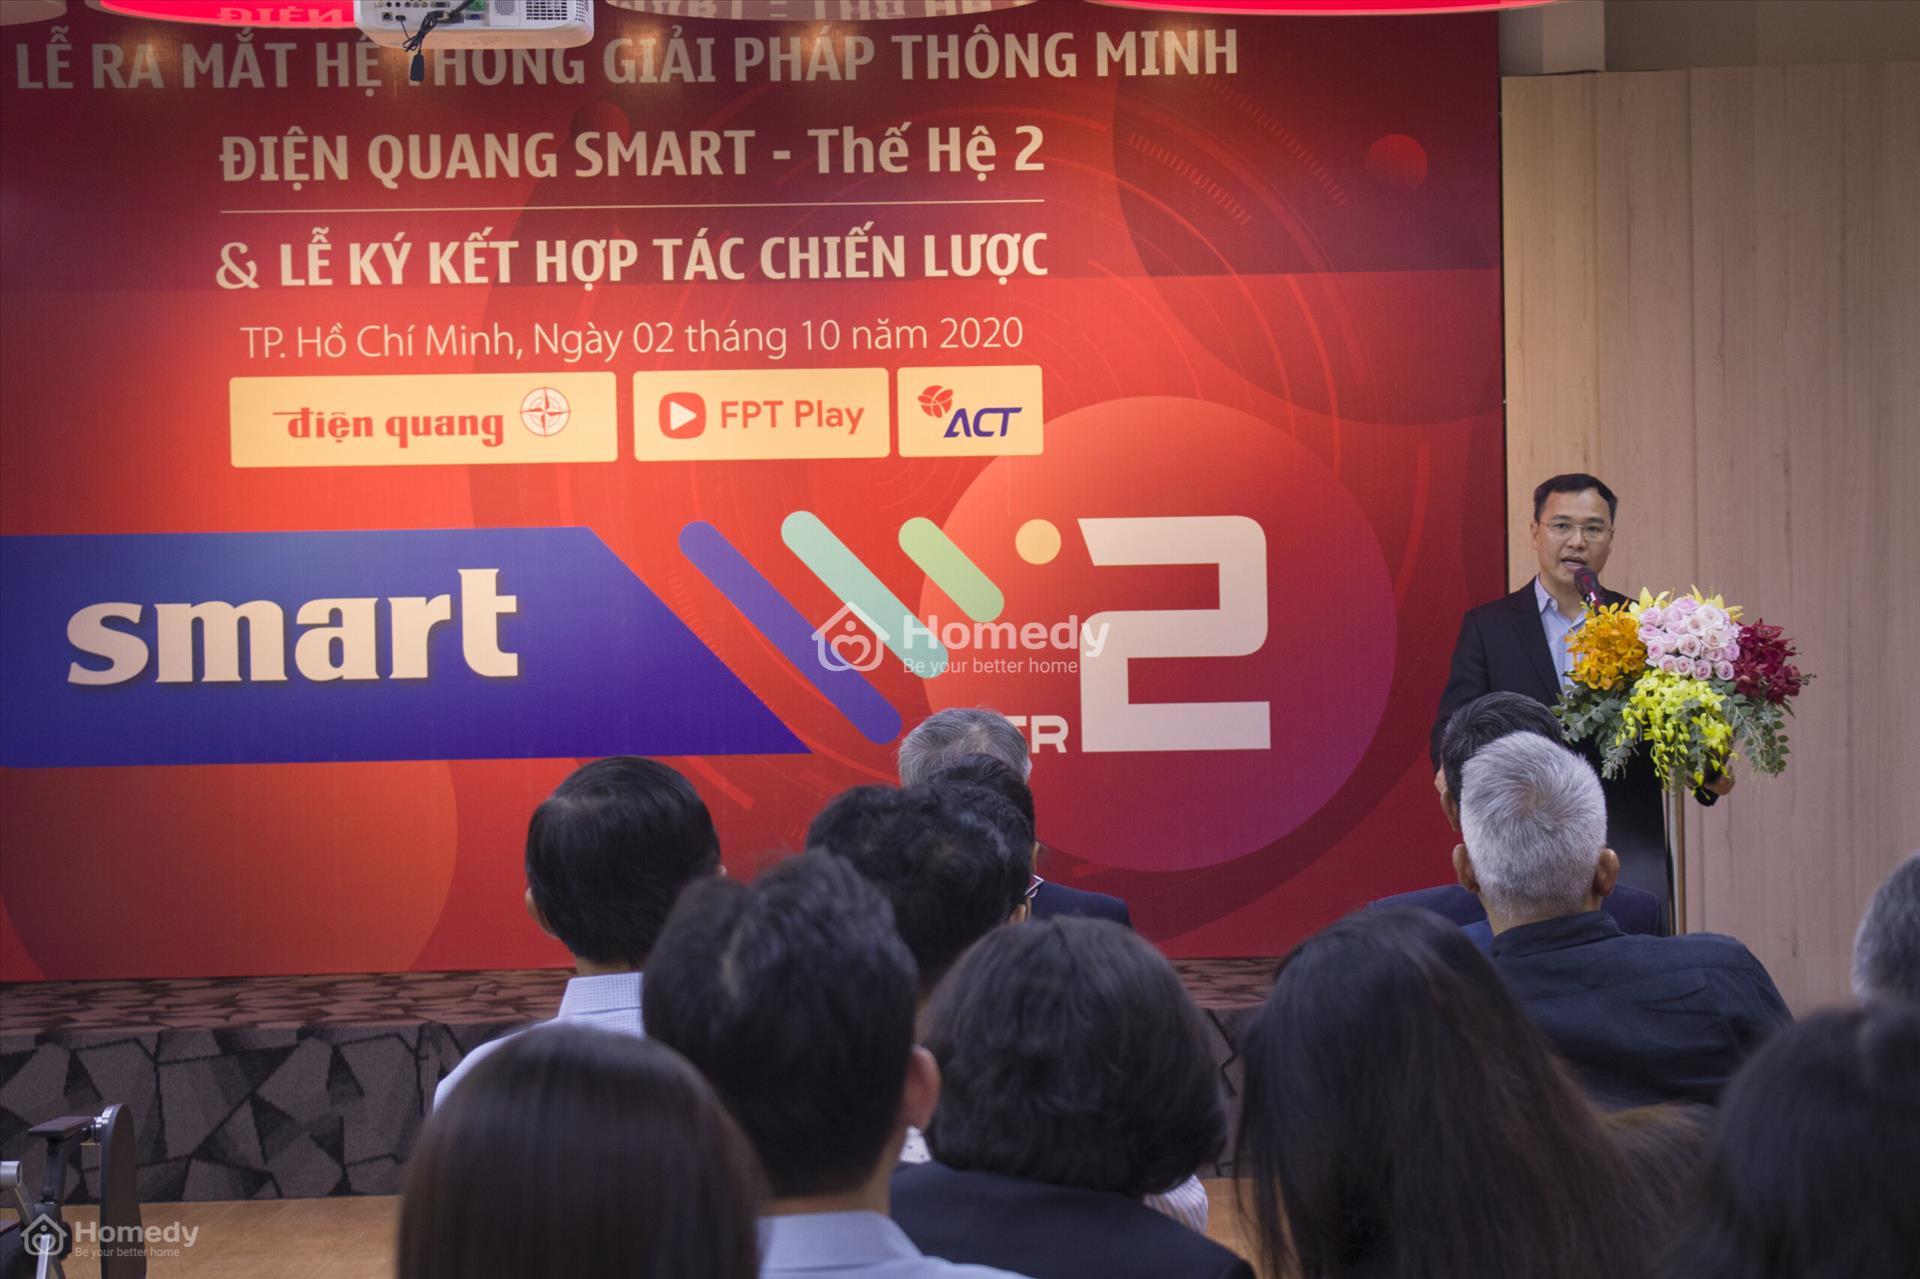 """Ông Hồ Quỳnh Hưng cho ràng trong khoảng 2 năm tới Việt Nam cũng sẽ """"bùng nổ"""" xu hướng Smarthome"""